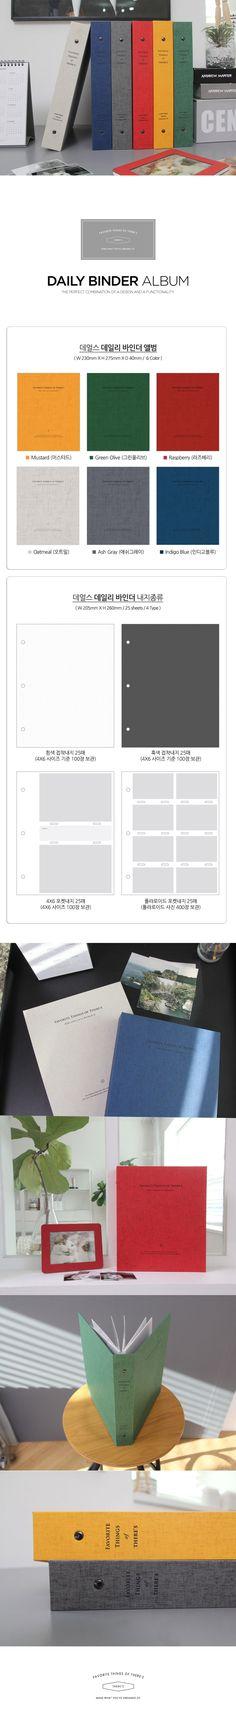 데일리 바인더앨범13,600원-데얼스디자인문구, 앨범/레코드북, 접착식앨범…